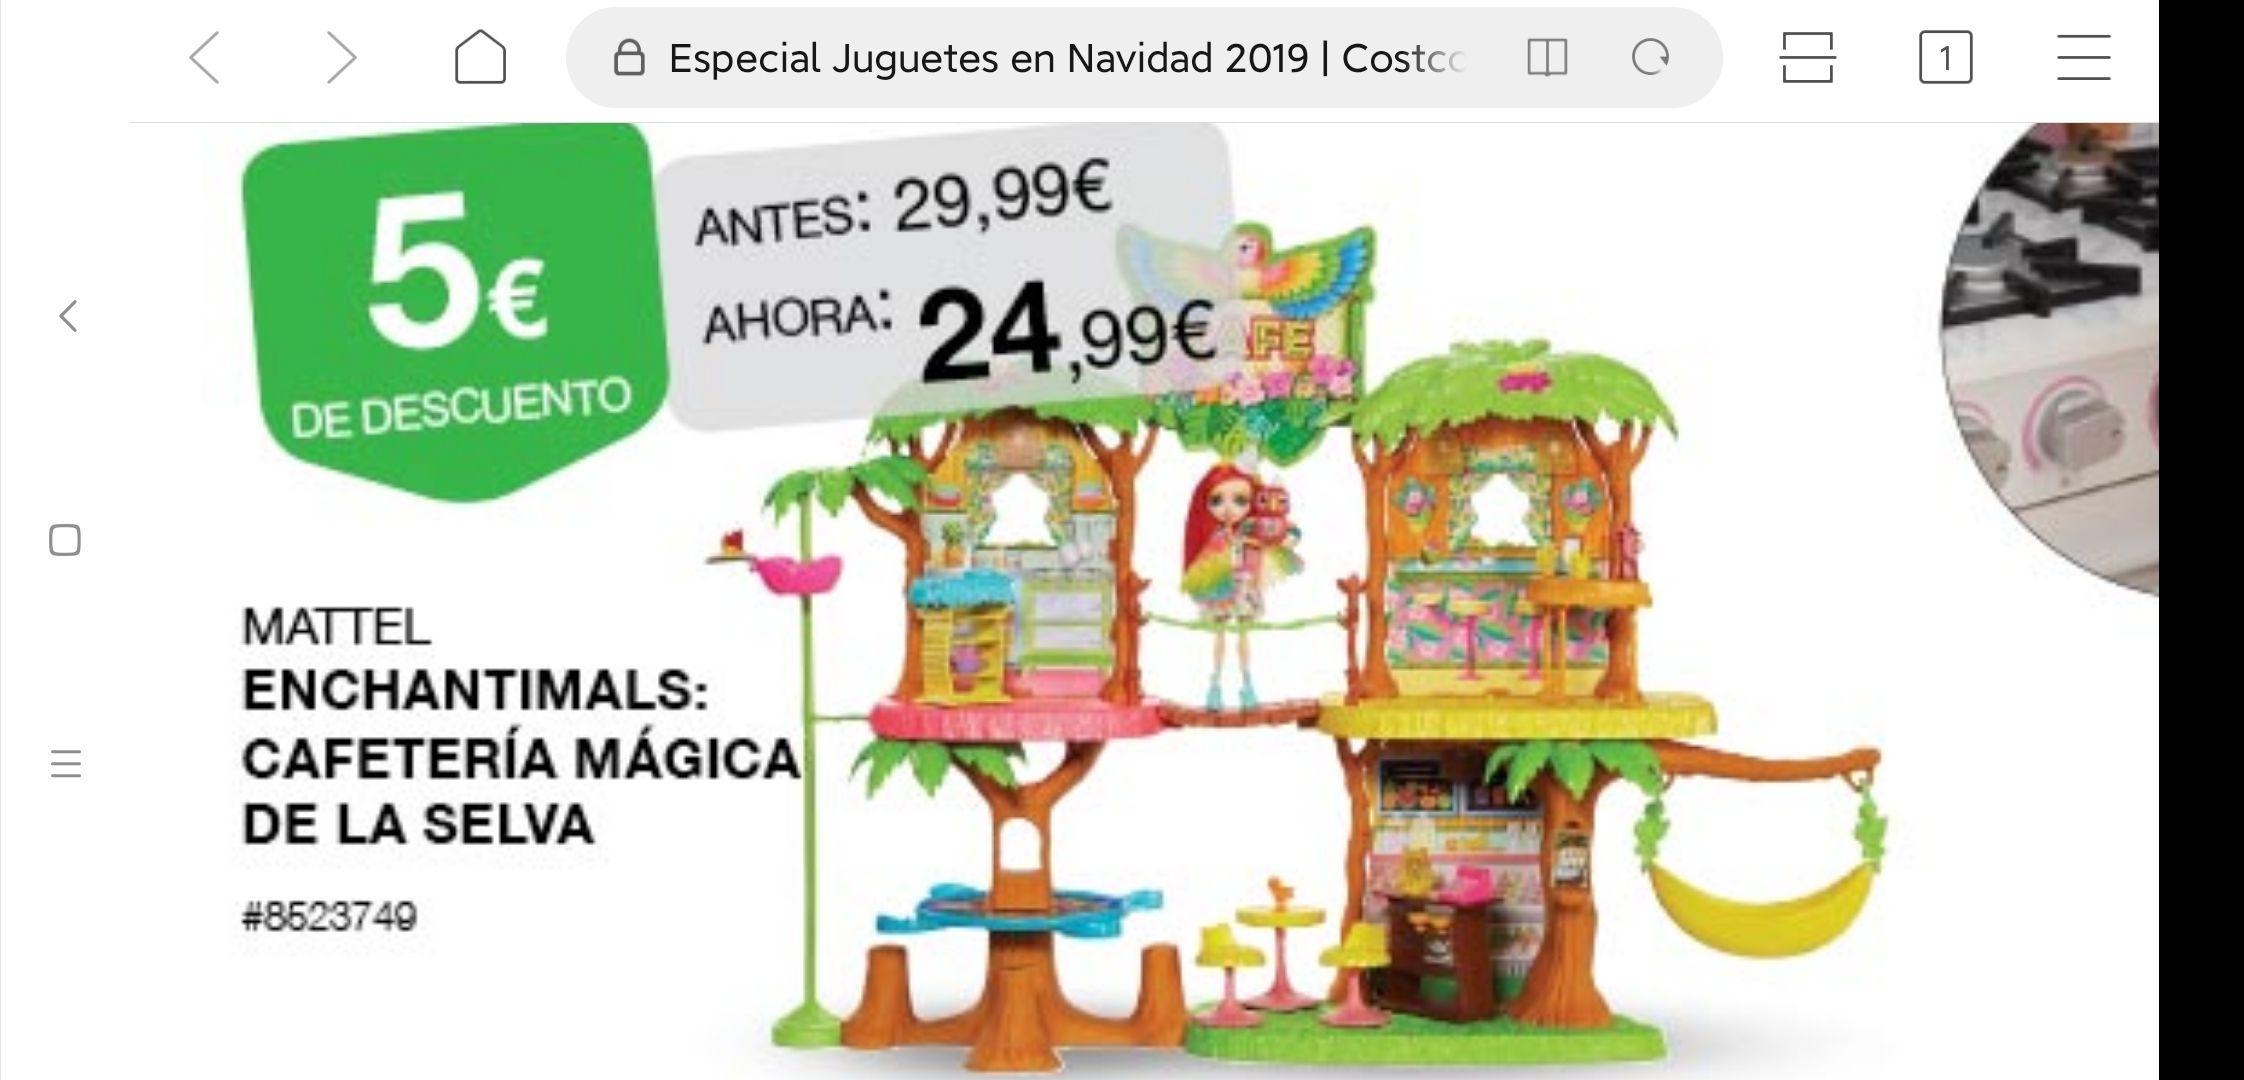 ENCHANTIMALS cafetería mágica de la selva (Costco Madrid y Sevilla)